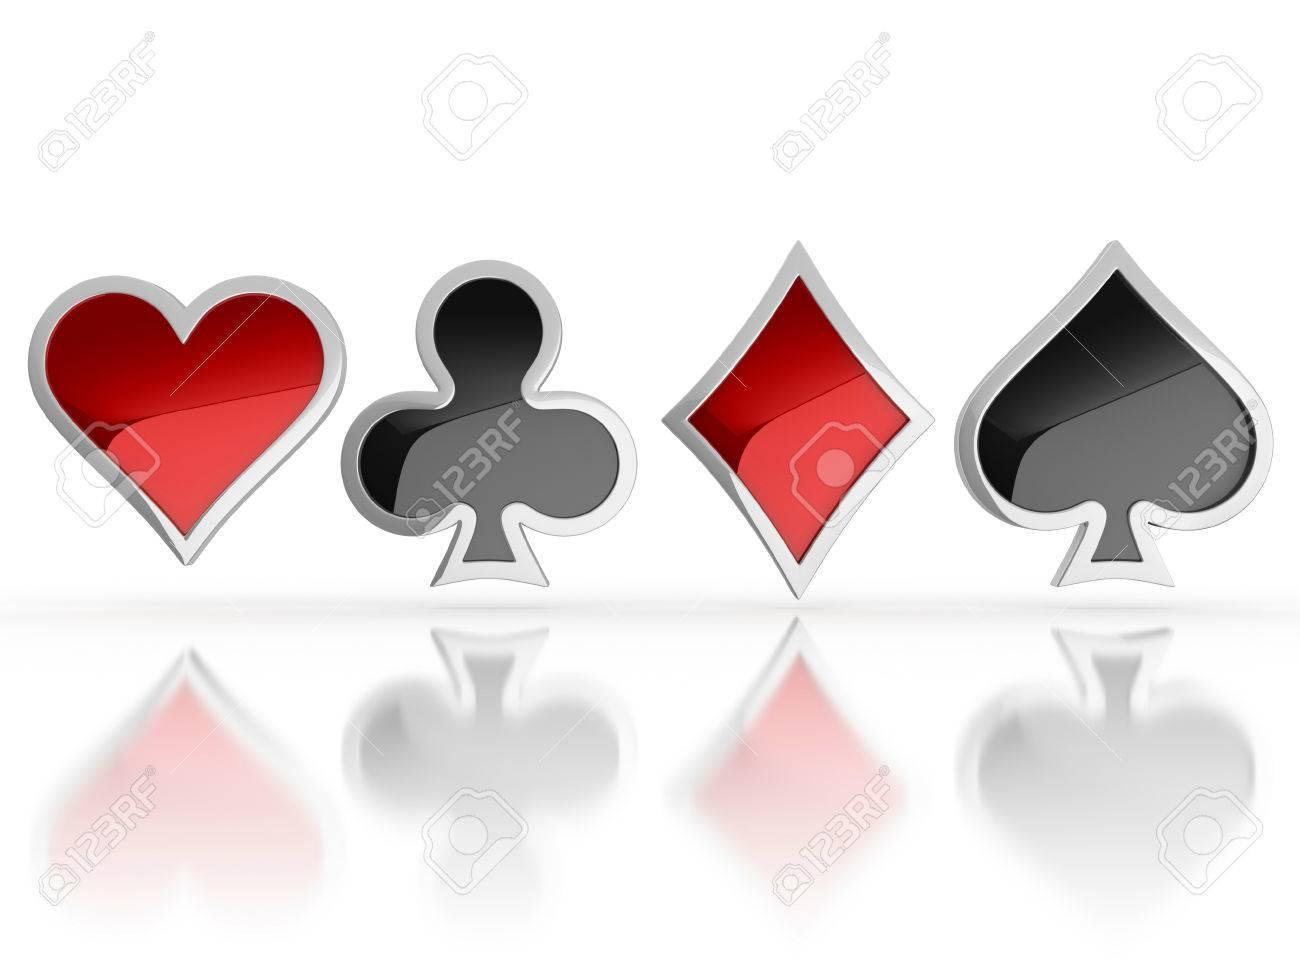 Jugando A Las Cartas Símbolos - Corazón, Club, Diamante Y Los Iconos ...